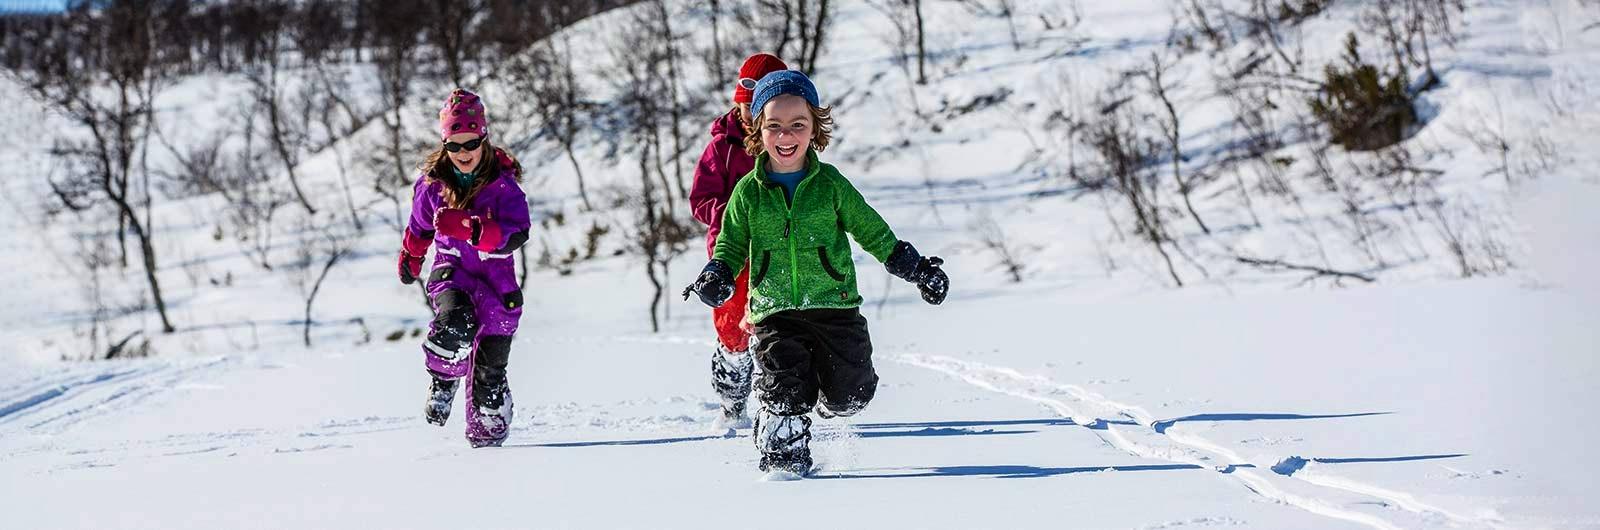 barn-leker-snön-fjäll-sportlov